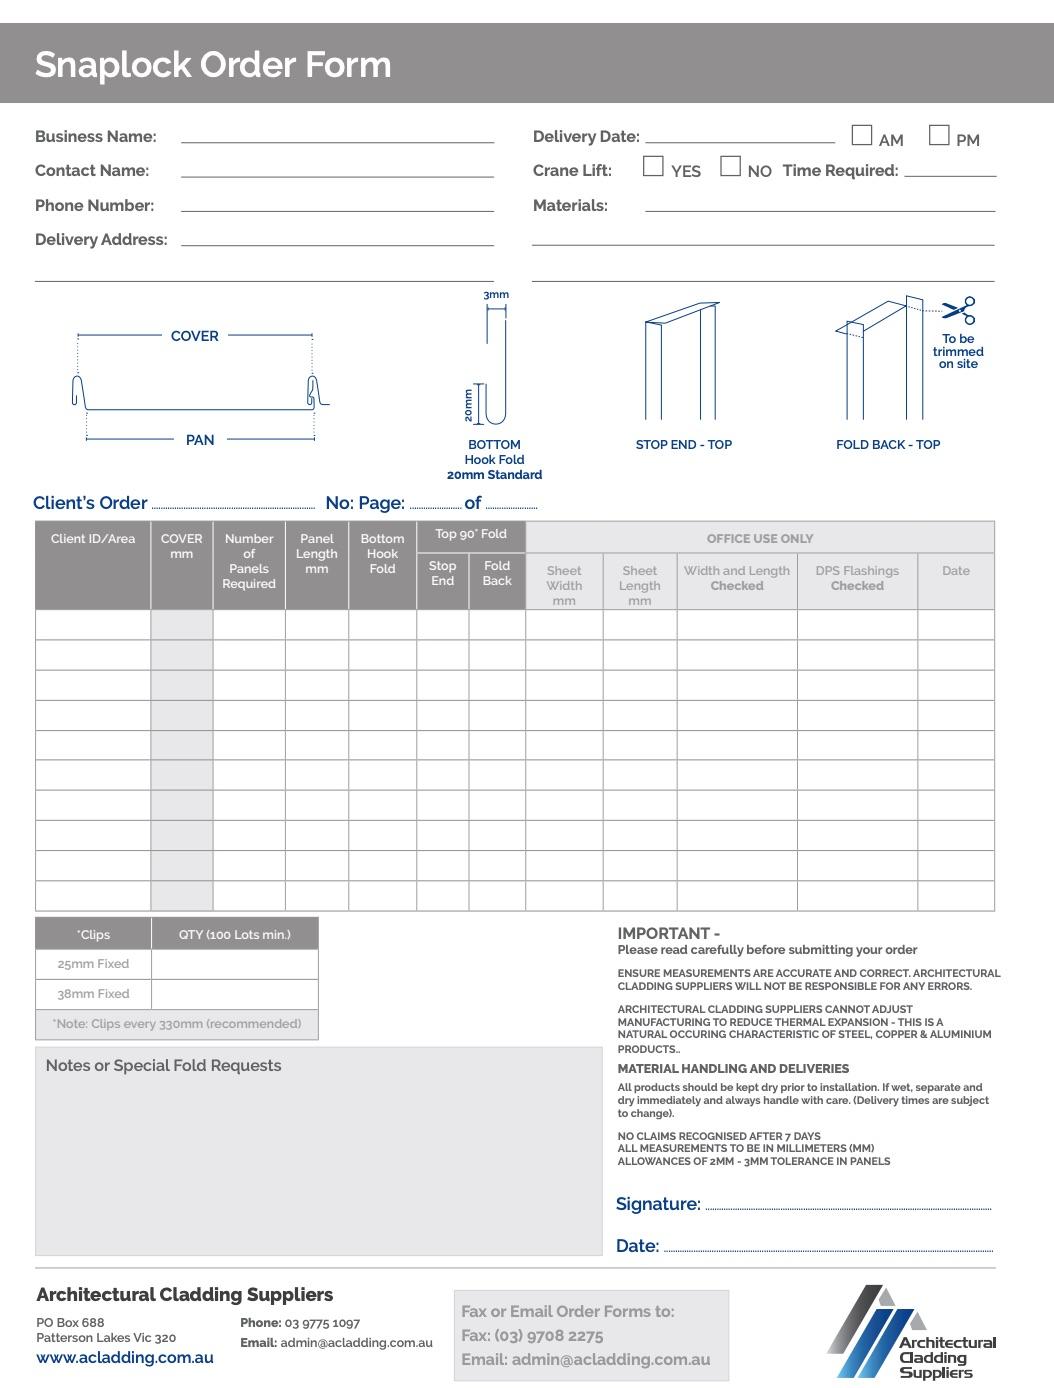 ACS Snaplock Order Form